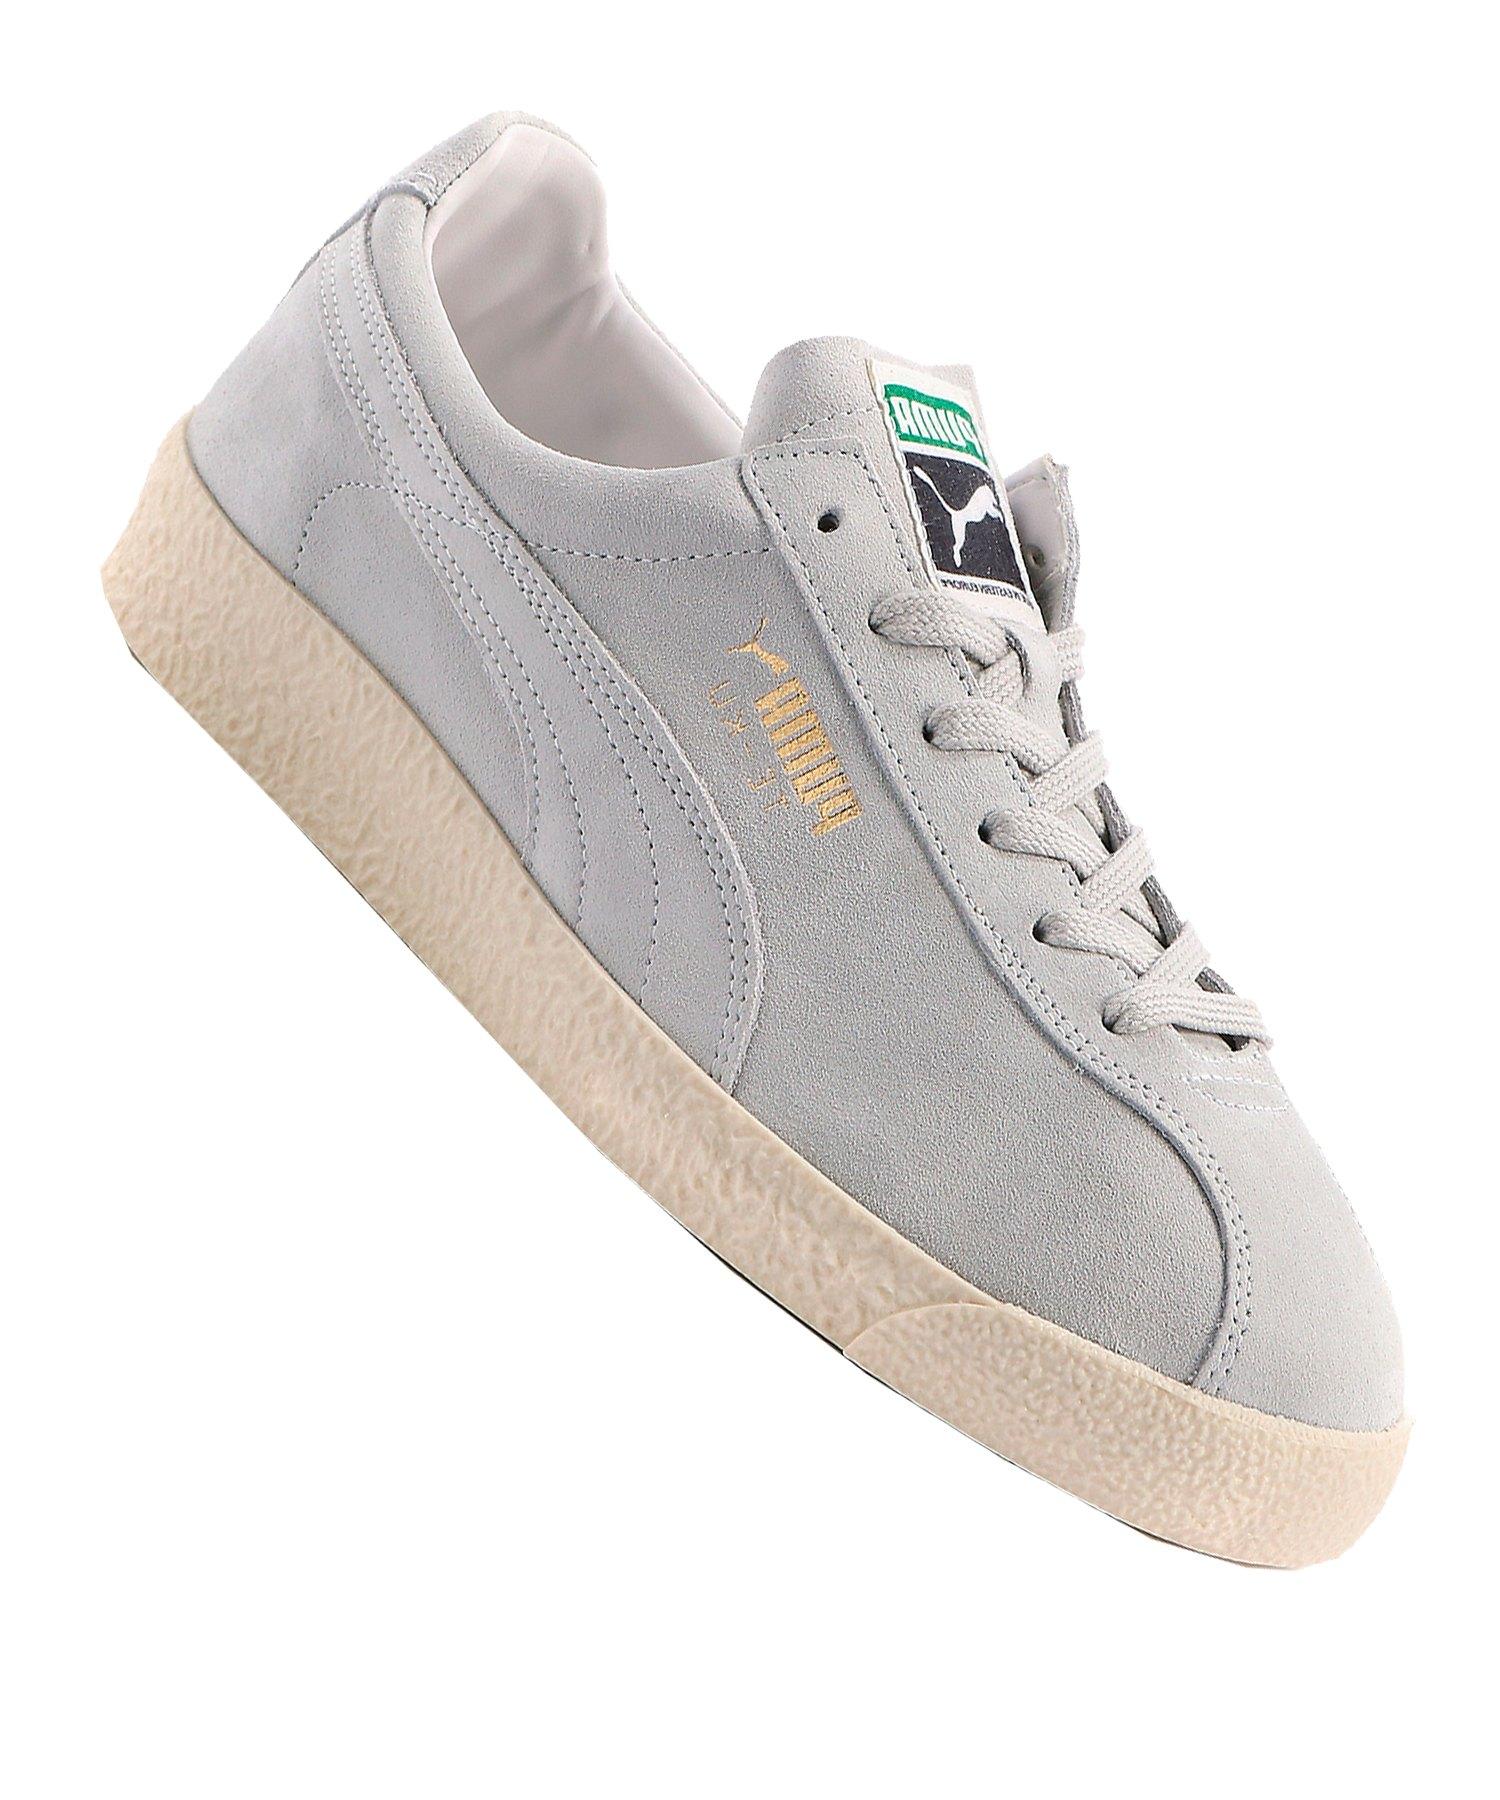 PUMA Te-Ku Sneaker Weiss Grau F01 - weiss